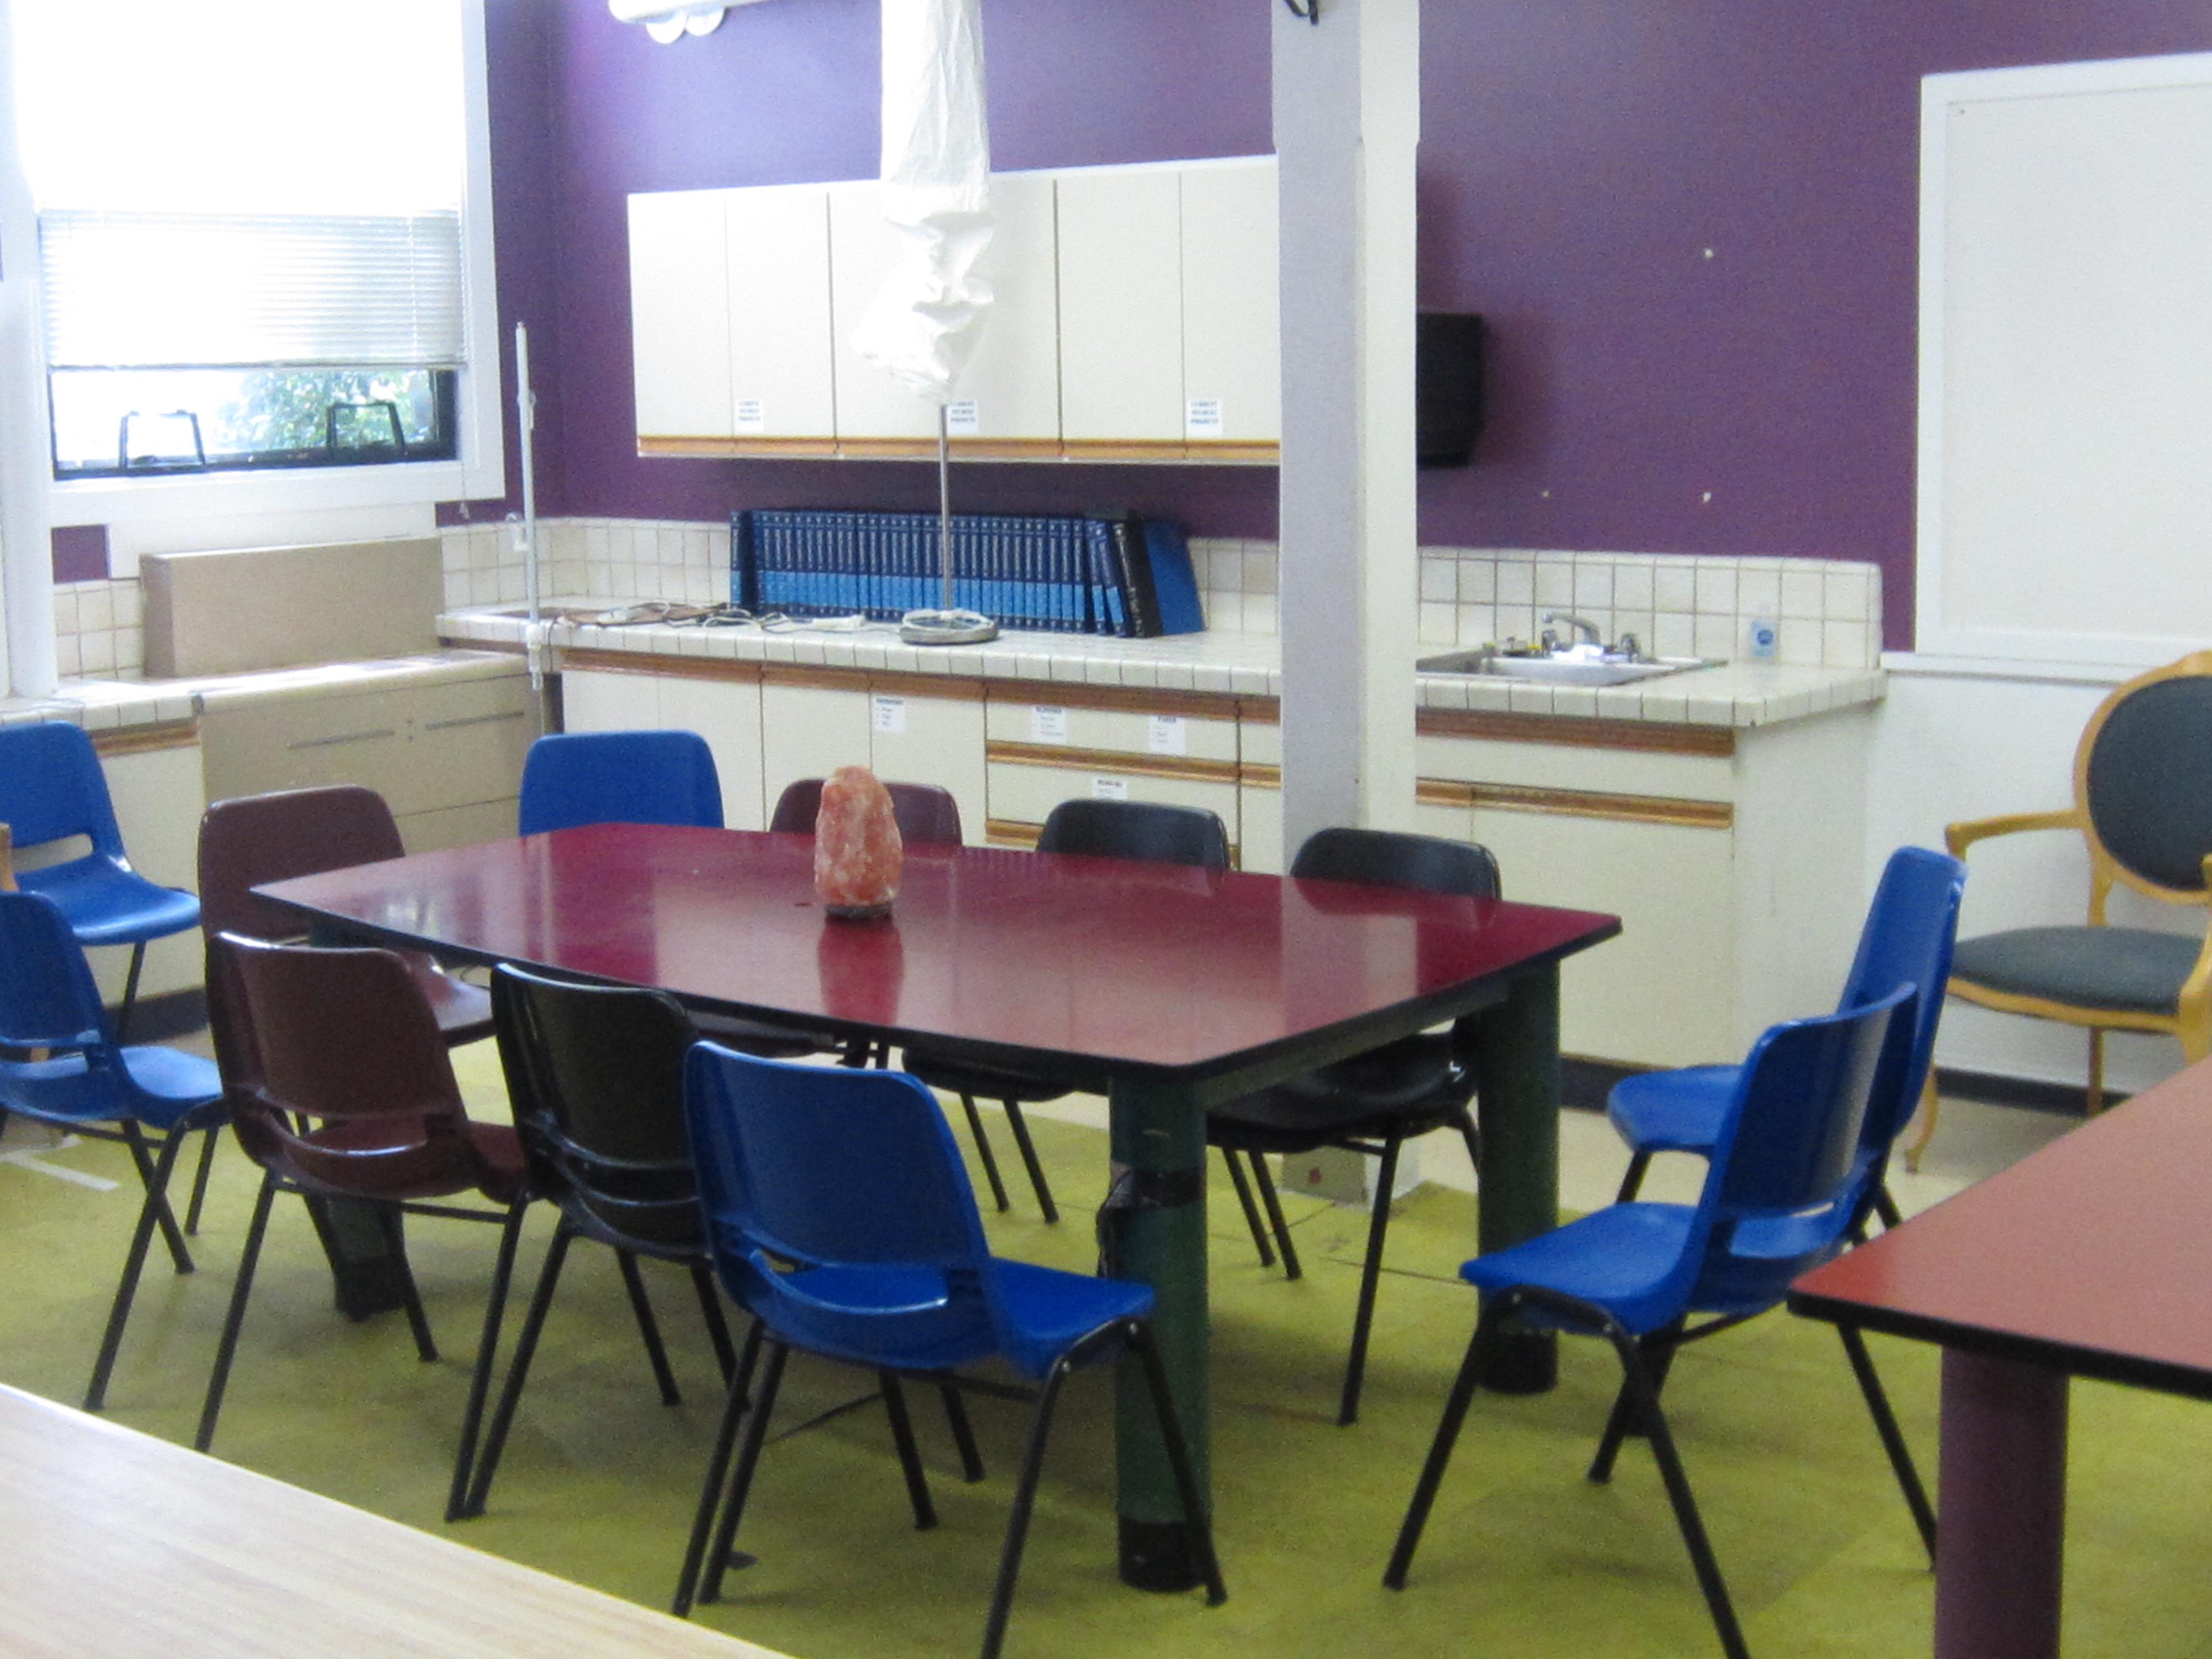 ICC, Lower Floor Room